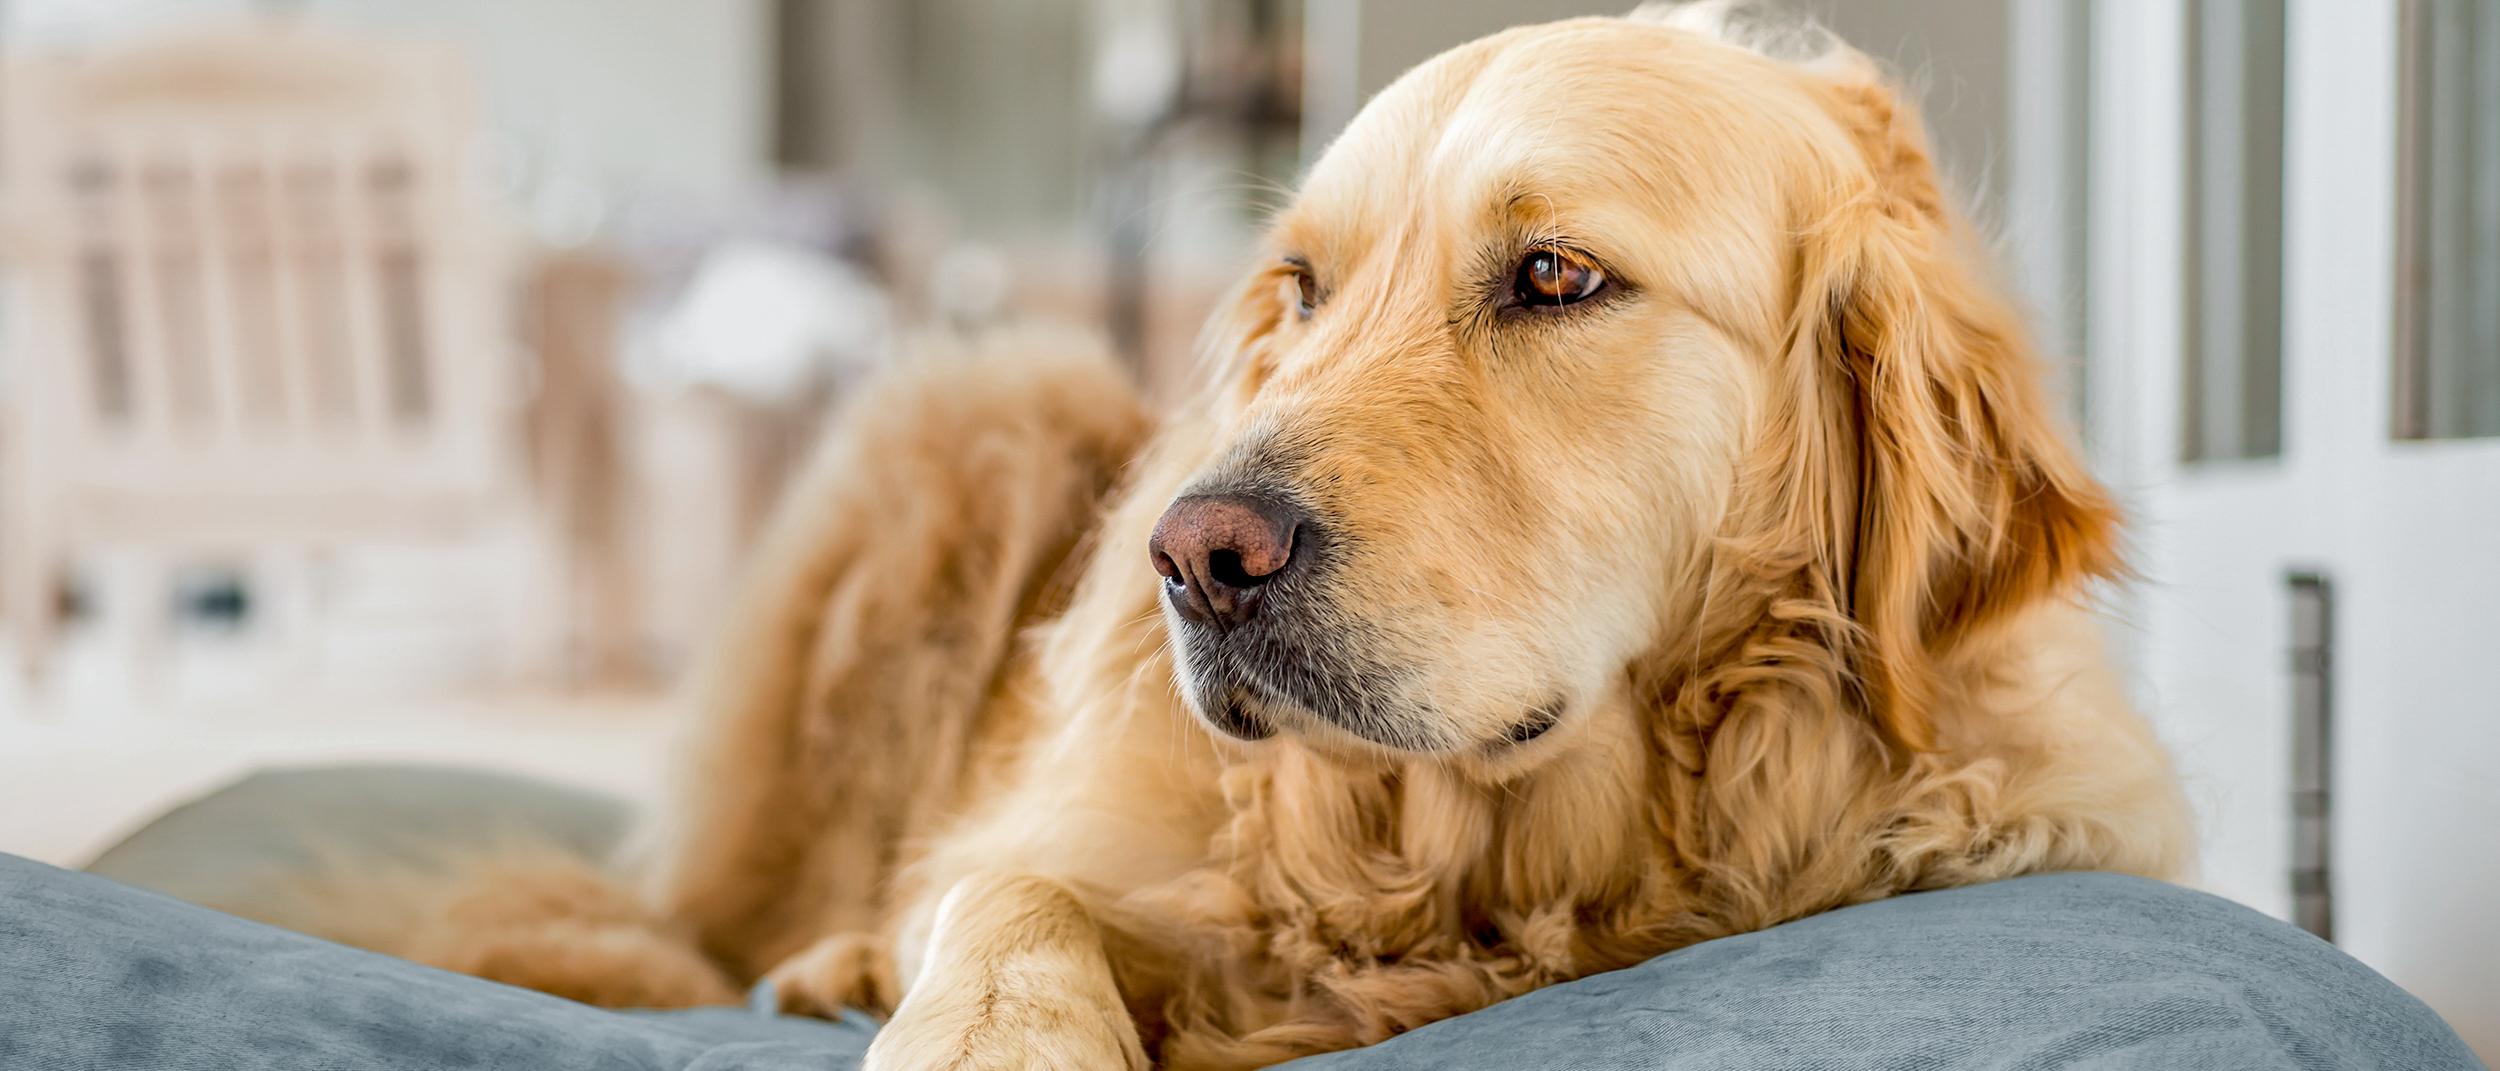 cibo per cani con perdita di peso per cani anziani